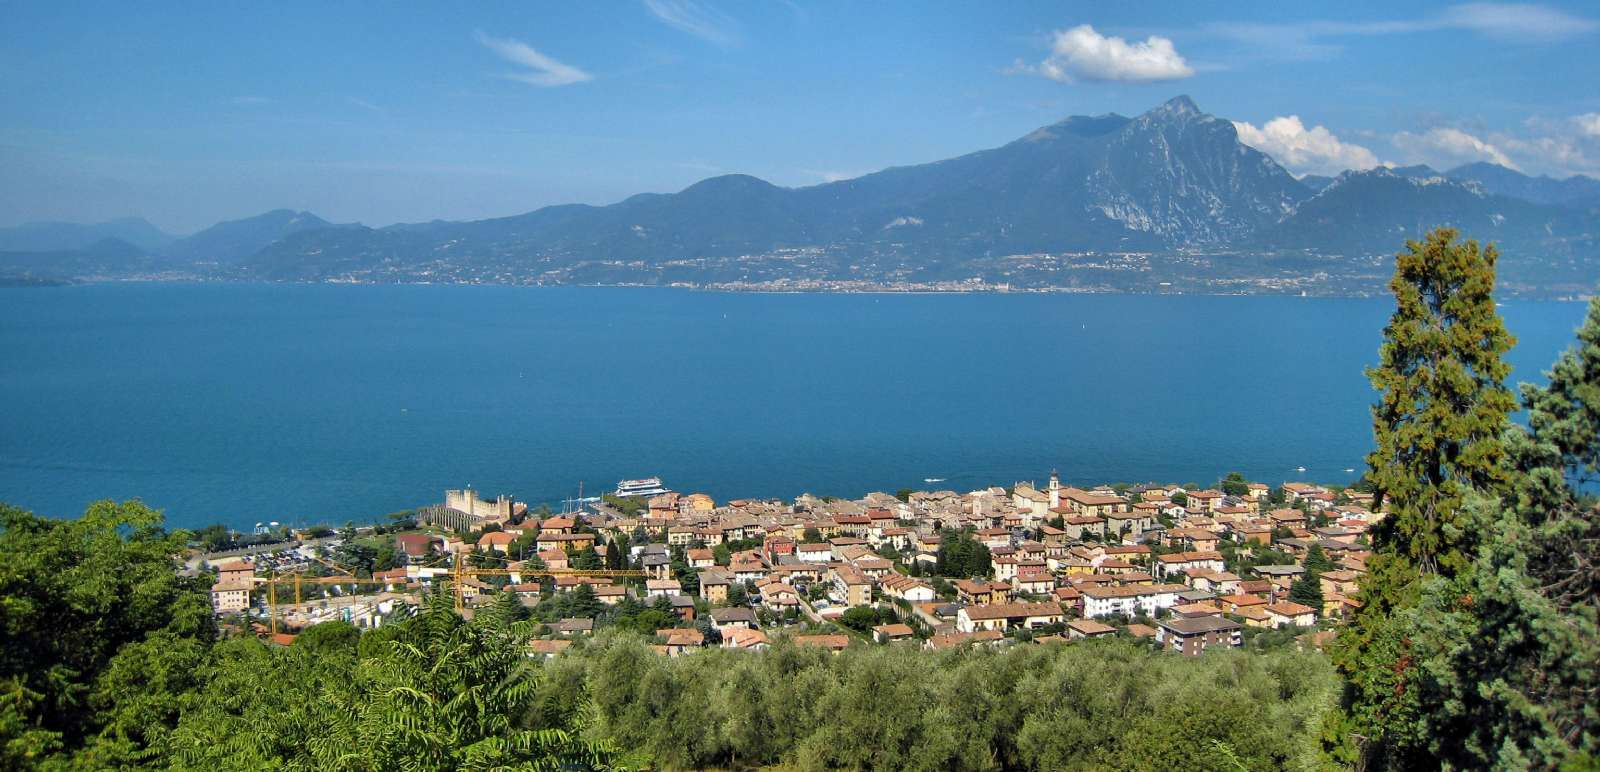 Torri del Benaco sett fra landsbyen Albisano